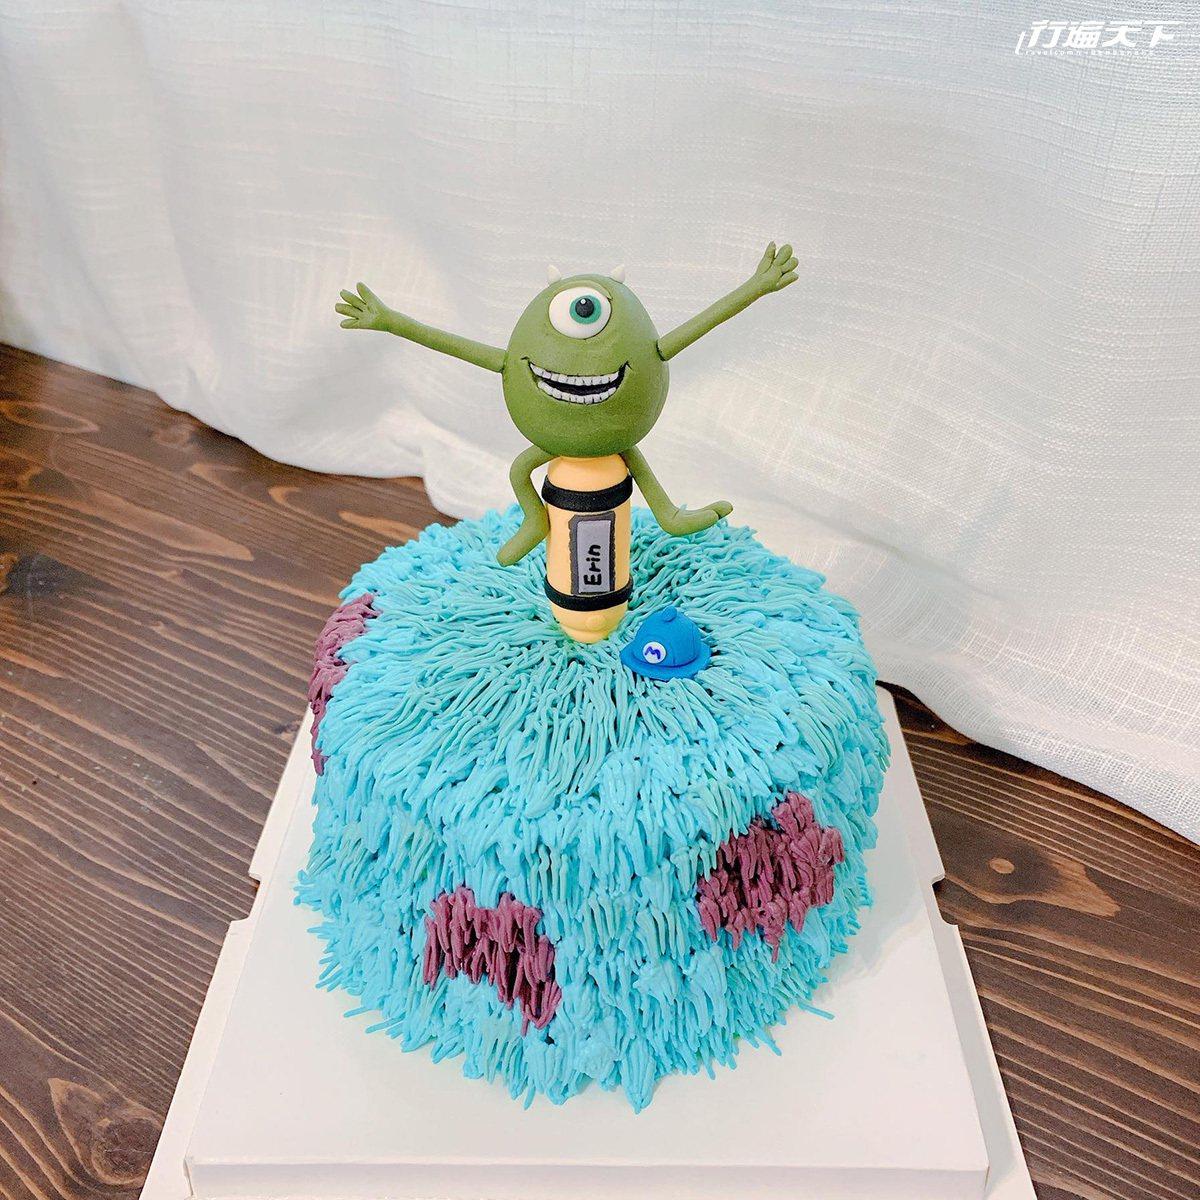 發揮創意藝術將翻糖蛋糕做得栩栩如生,給予驚喜的開心。